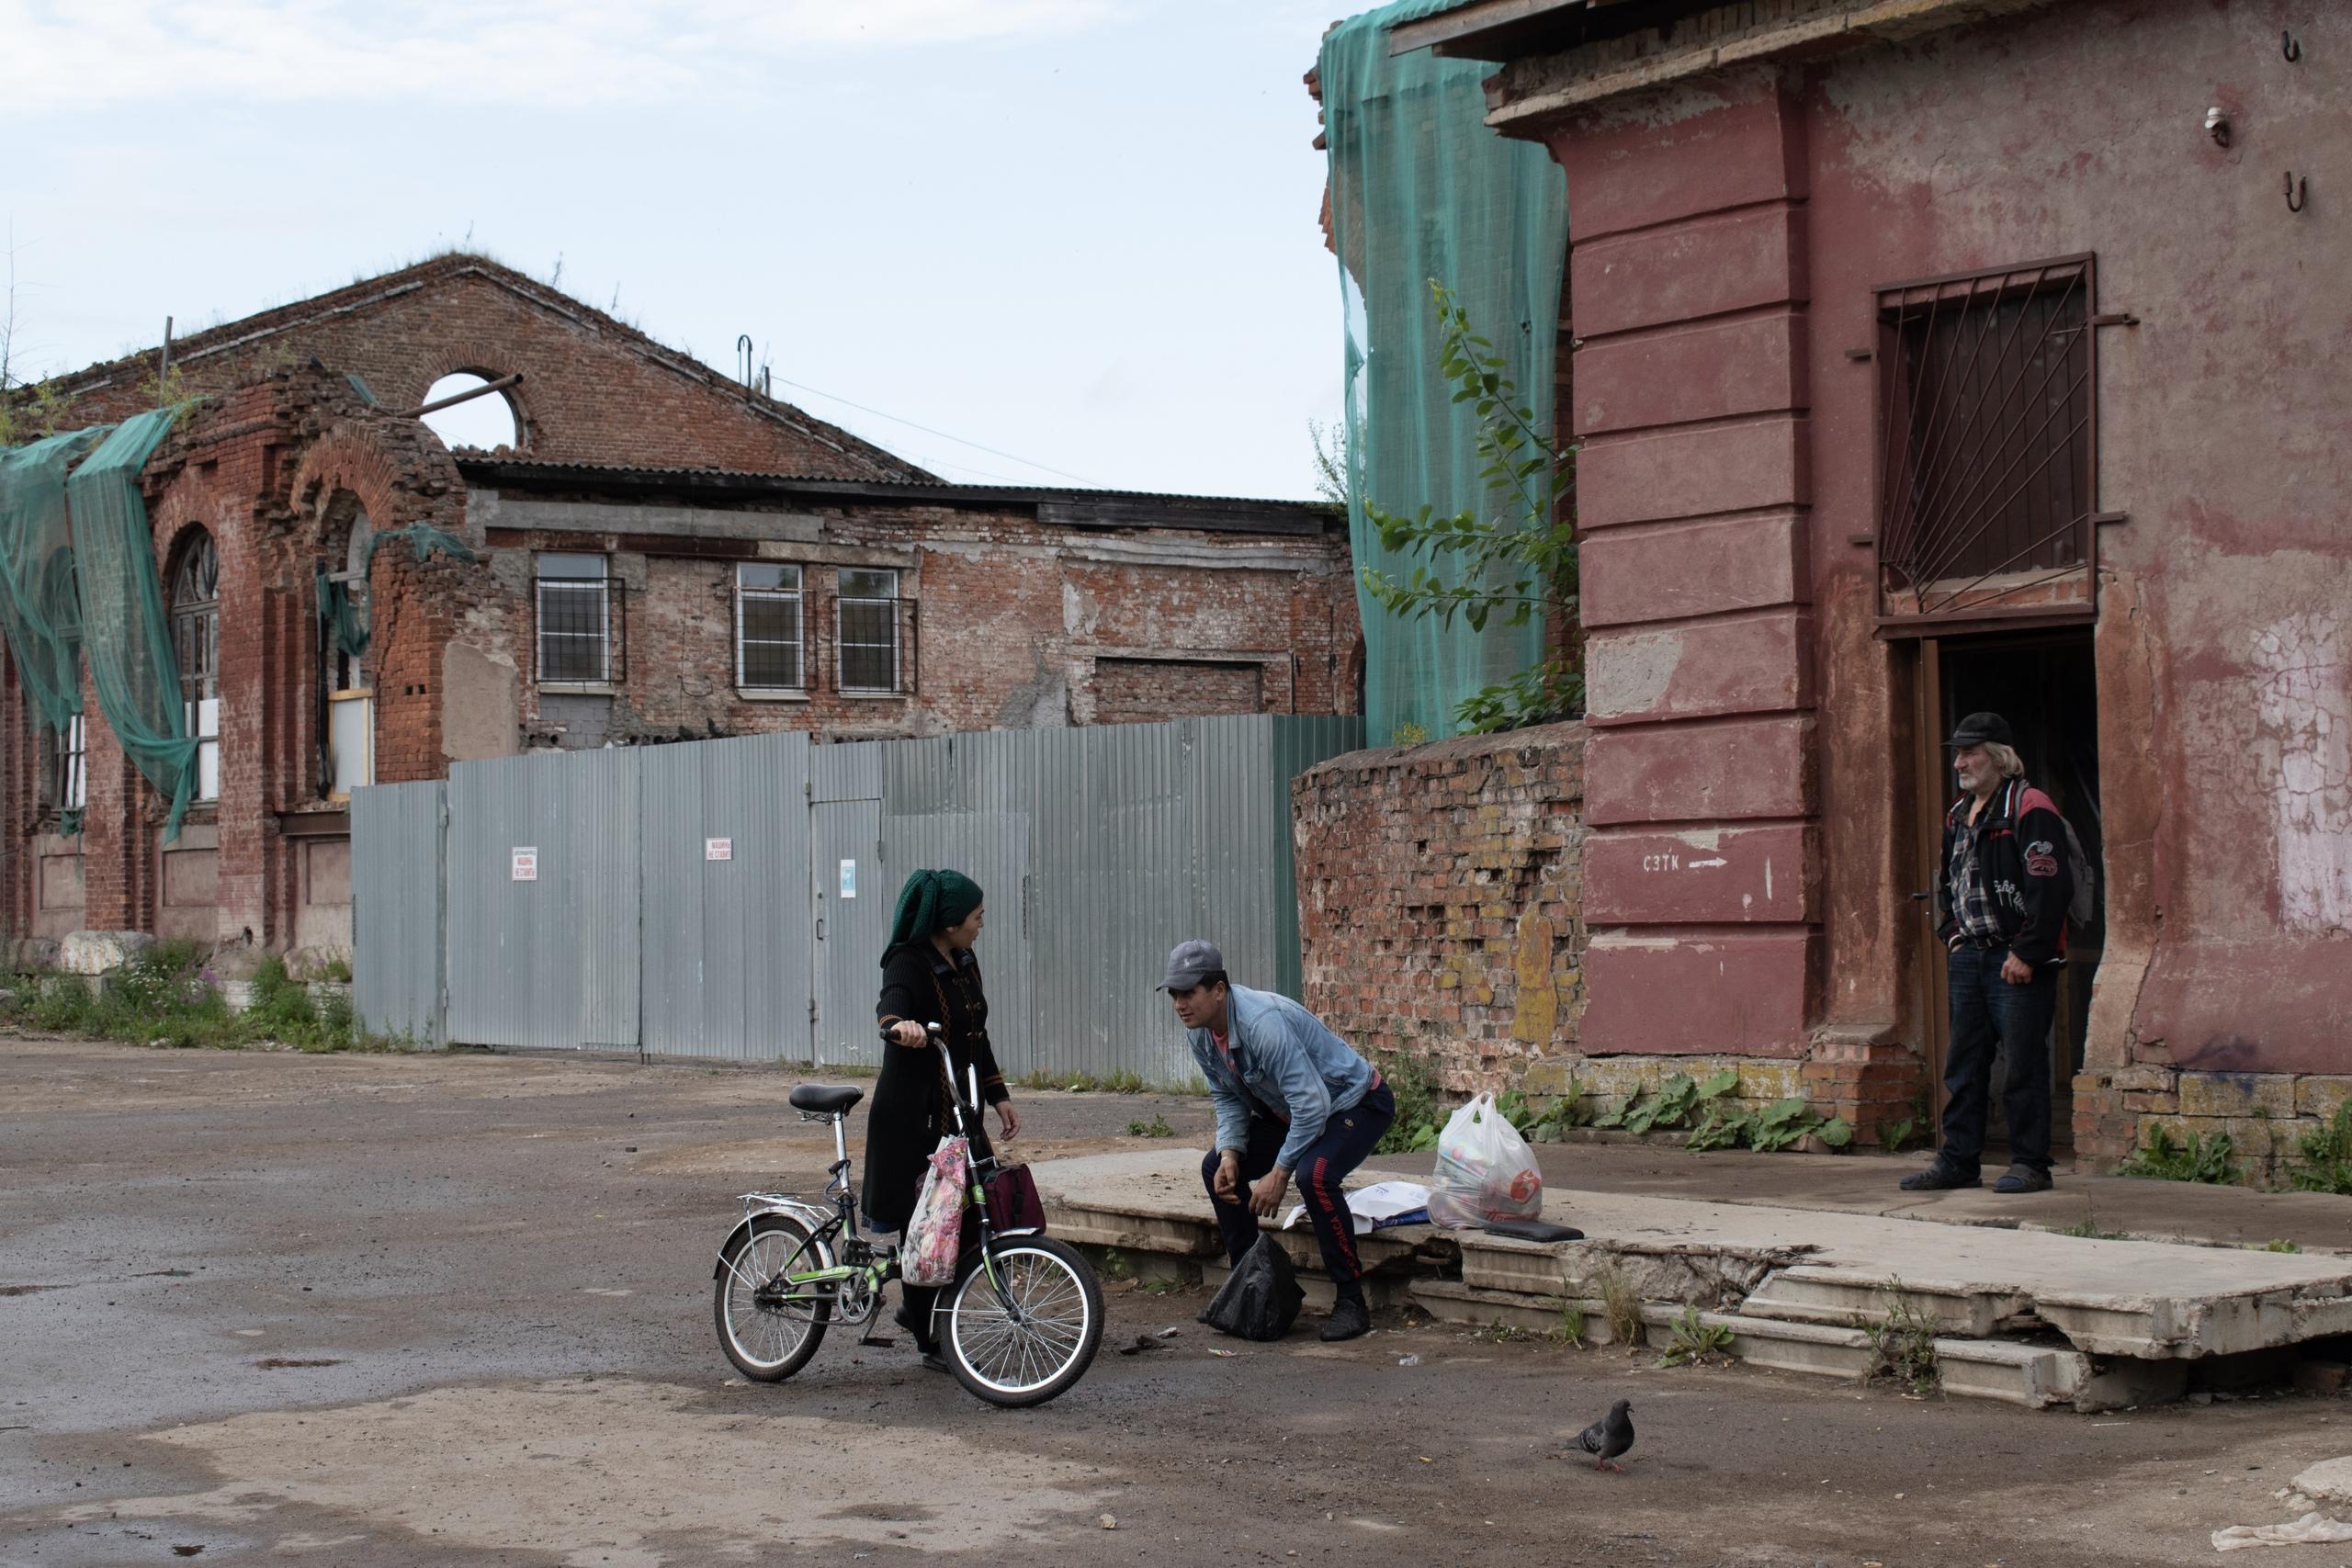 В Пушкине Ильич смотрит на остатки гарнизонного манежа лейб-гвардии Е - Фото